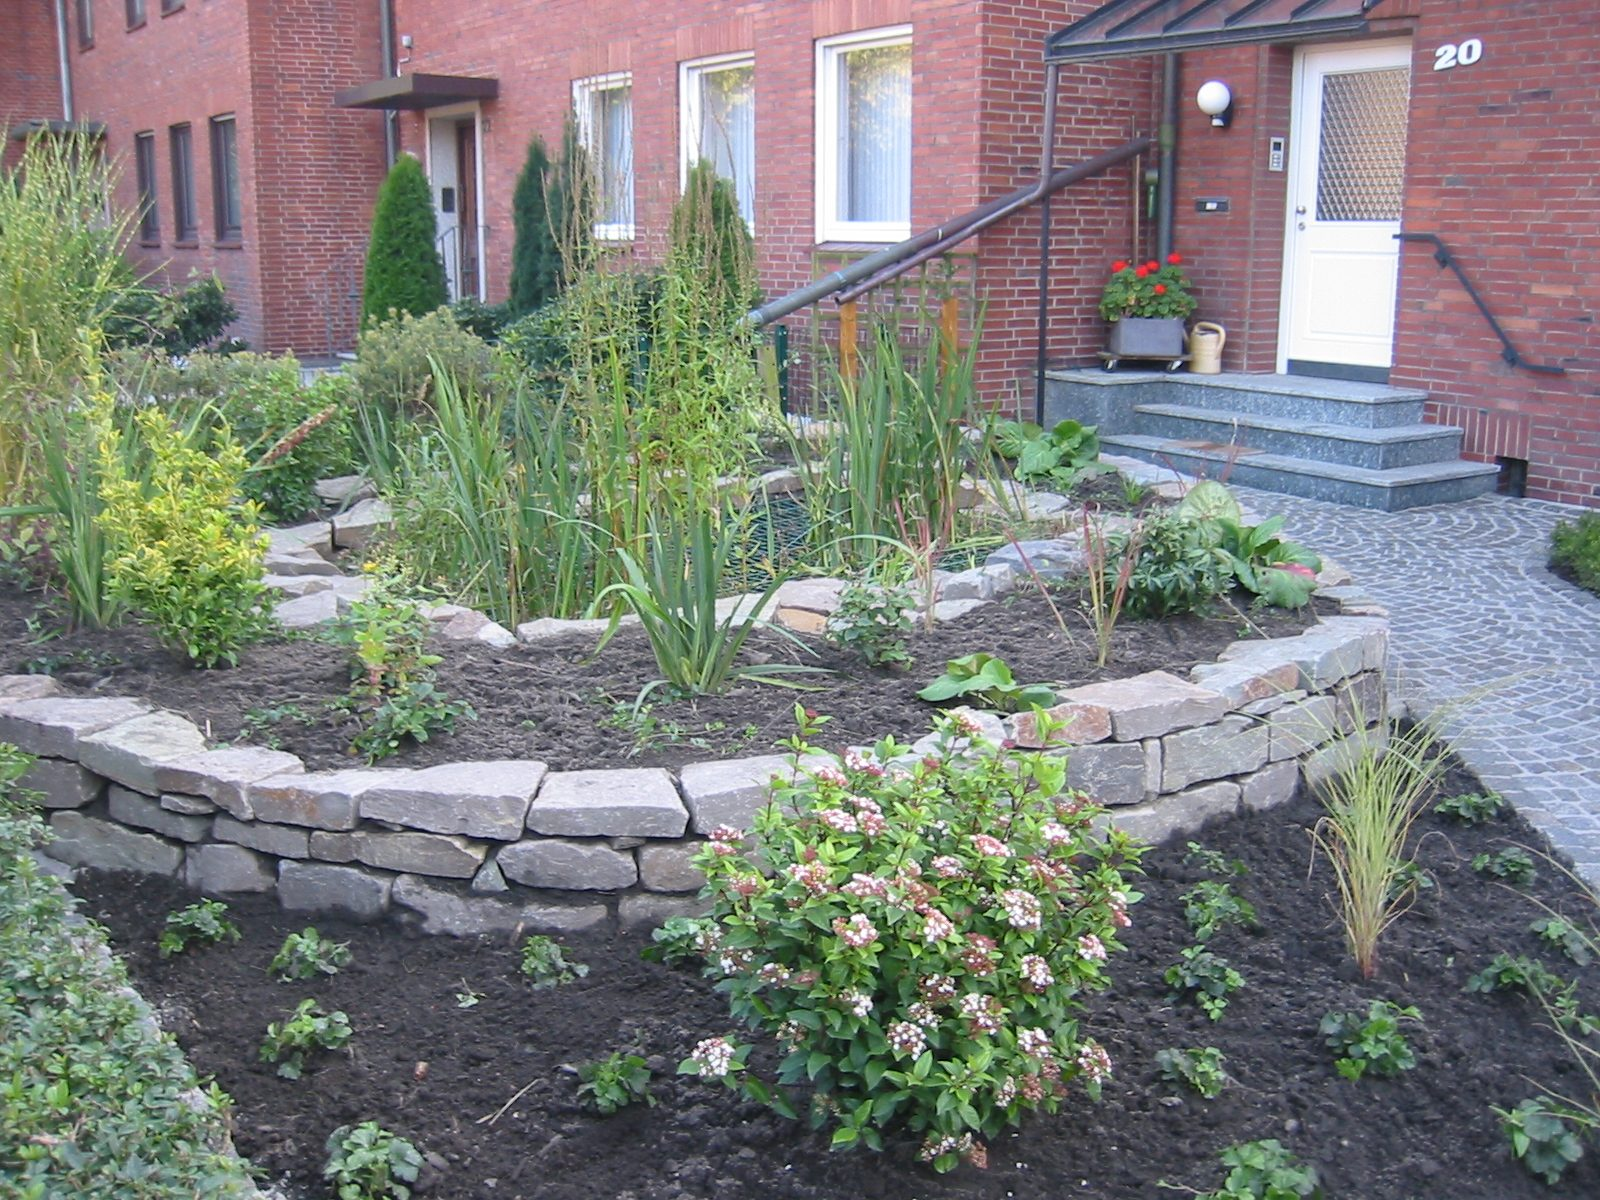 neupflanzungen geh lzpflege garten und landschaftsbau. Black Bedroom Furniture Sets. Home Design Ideas